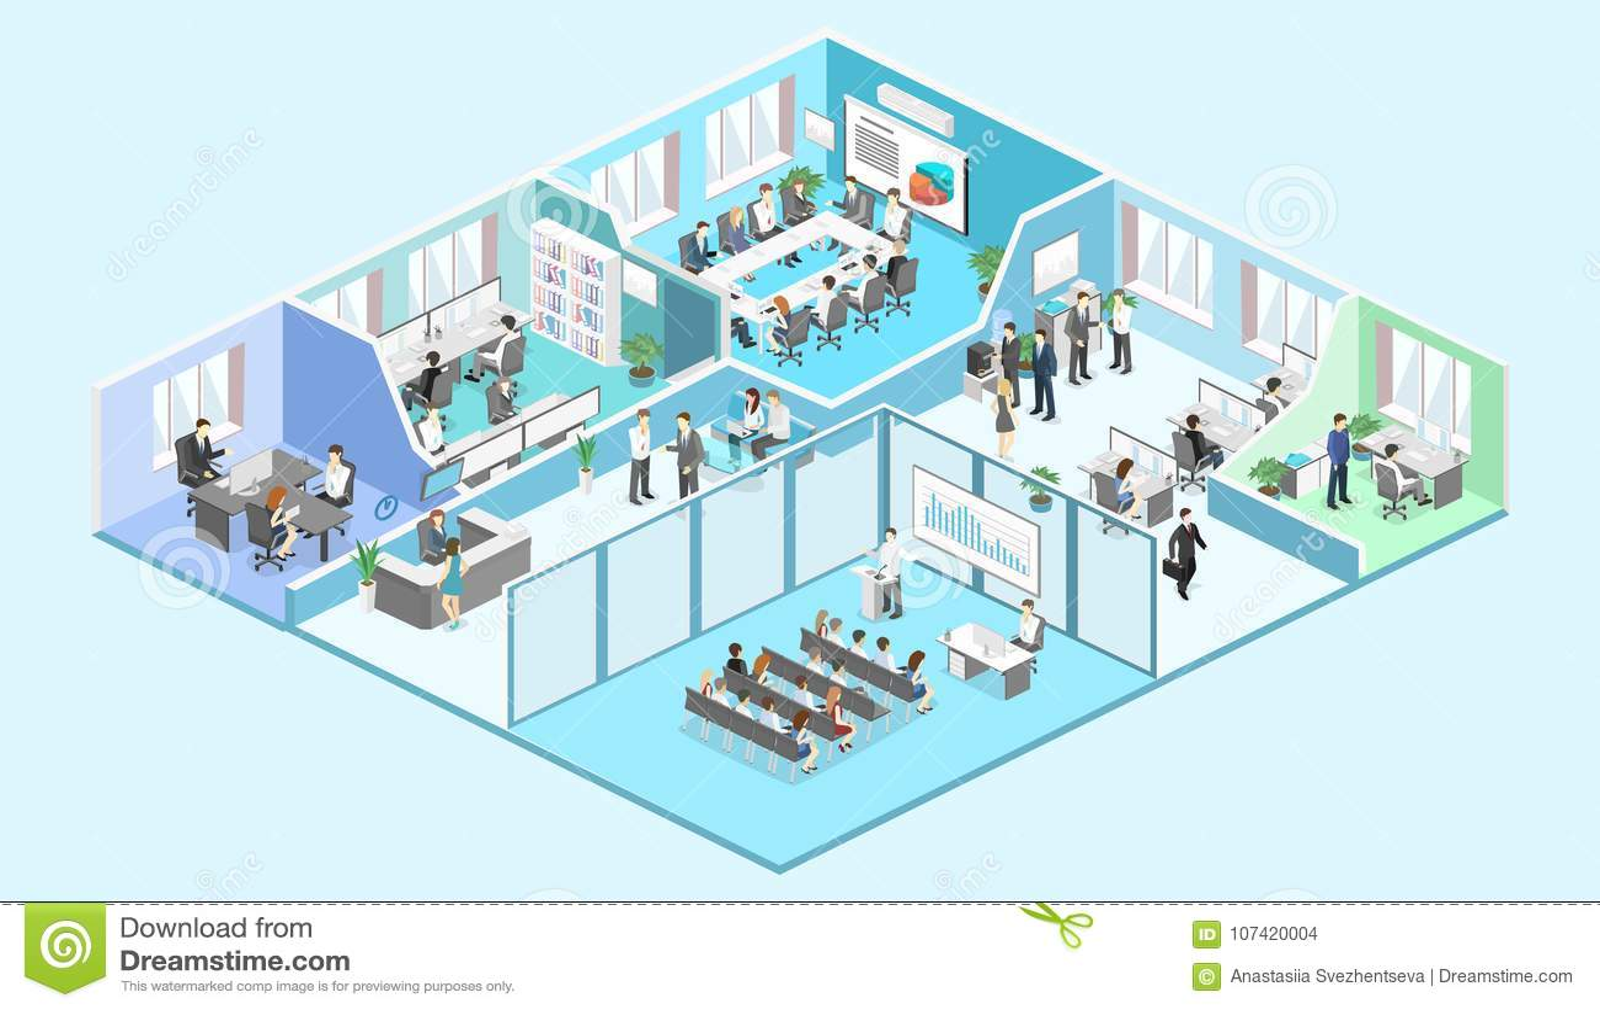 Isometrisk vektor för begrepp för inreavdelningar konferenskorridor, kontor, arbetsplatser